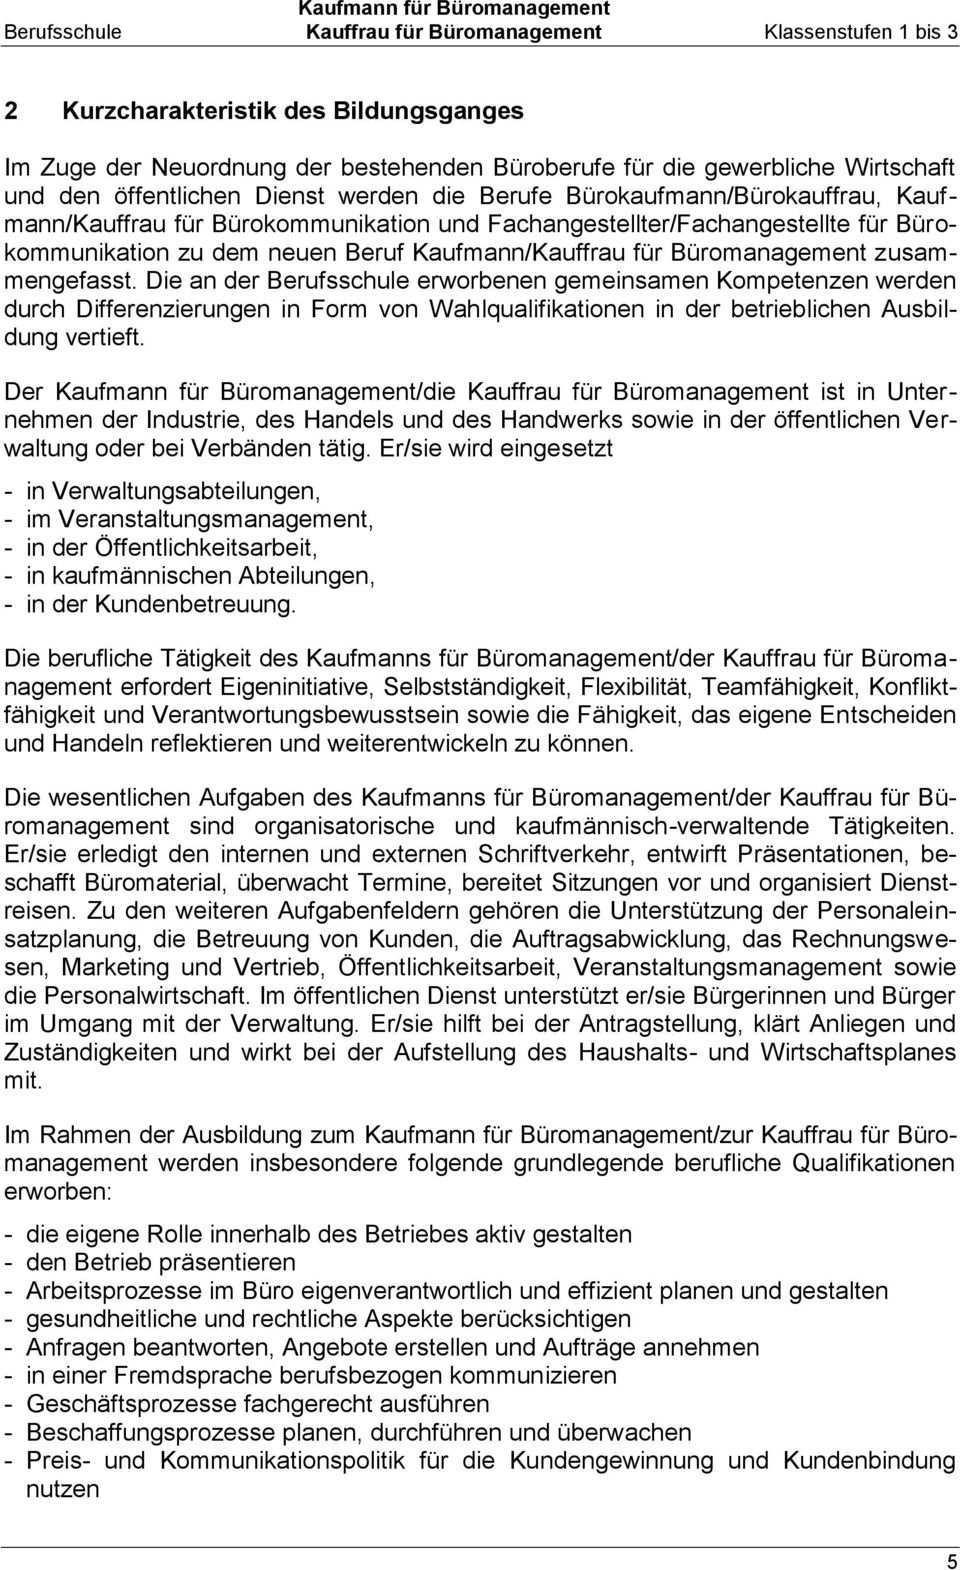 Kaufmann Fur Buromanagement Kauffrau Fur Buromanagement Pdf Kostenfreier Download